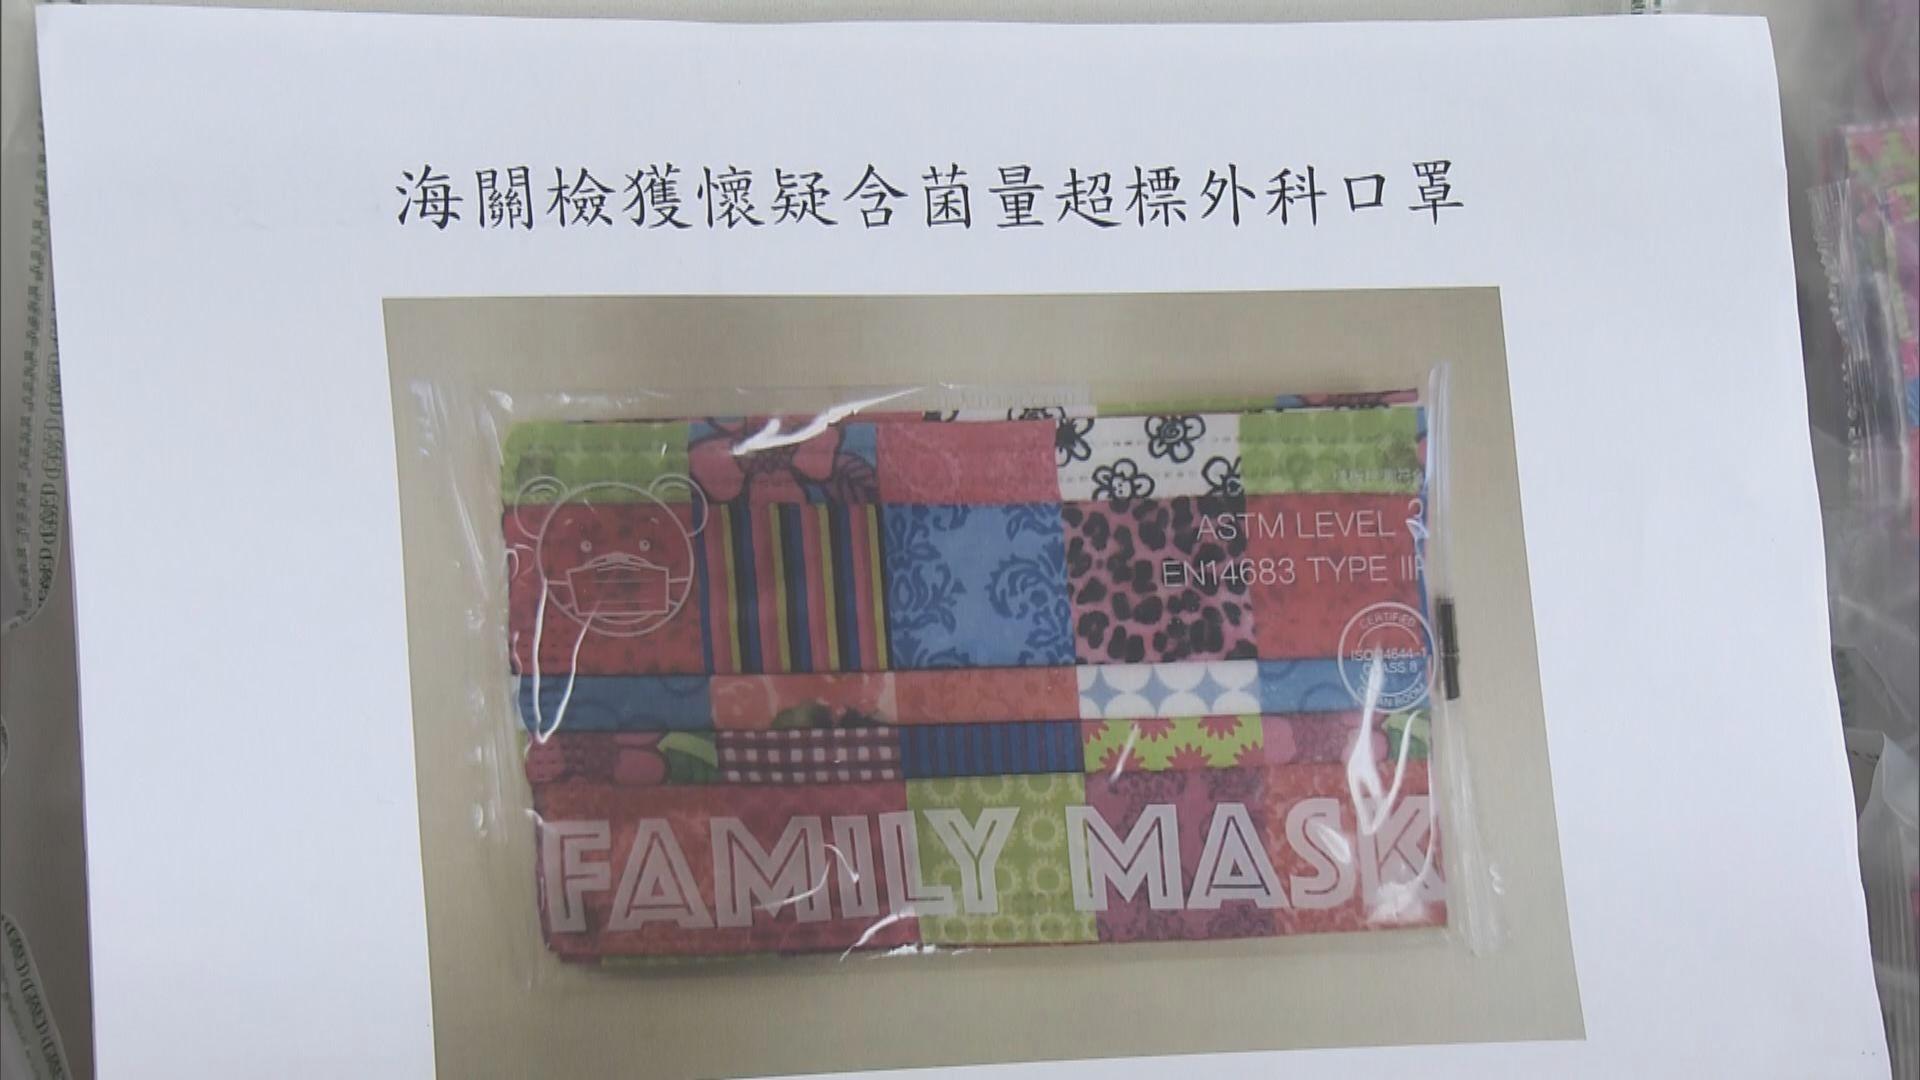 「愛的家」一款口罩疑含菌量超標逾12倍 即時停售及回收